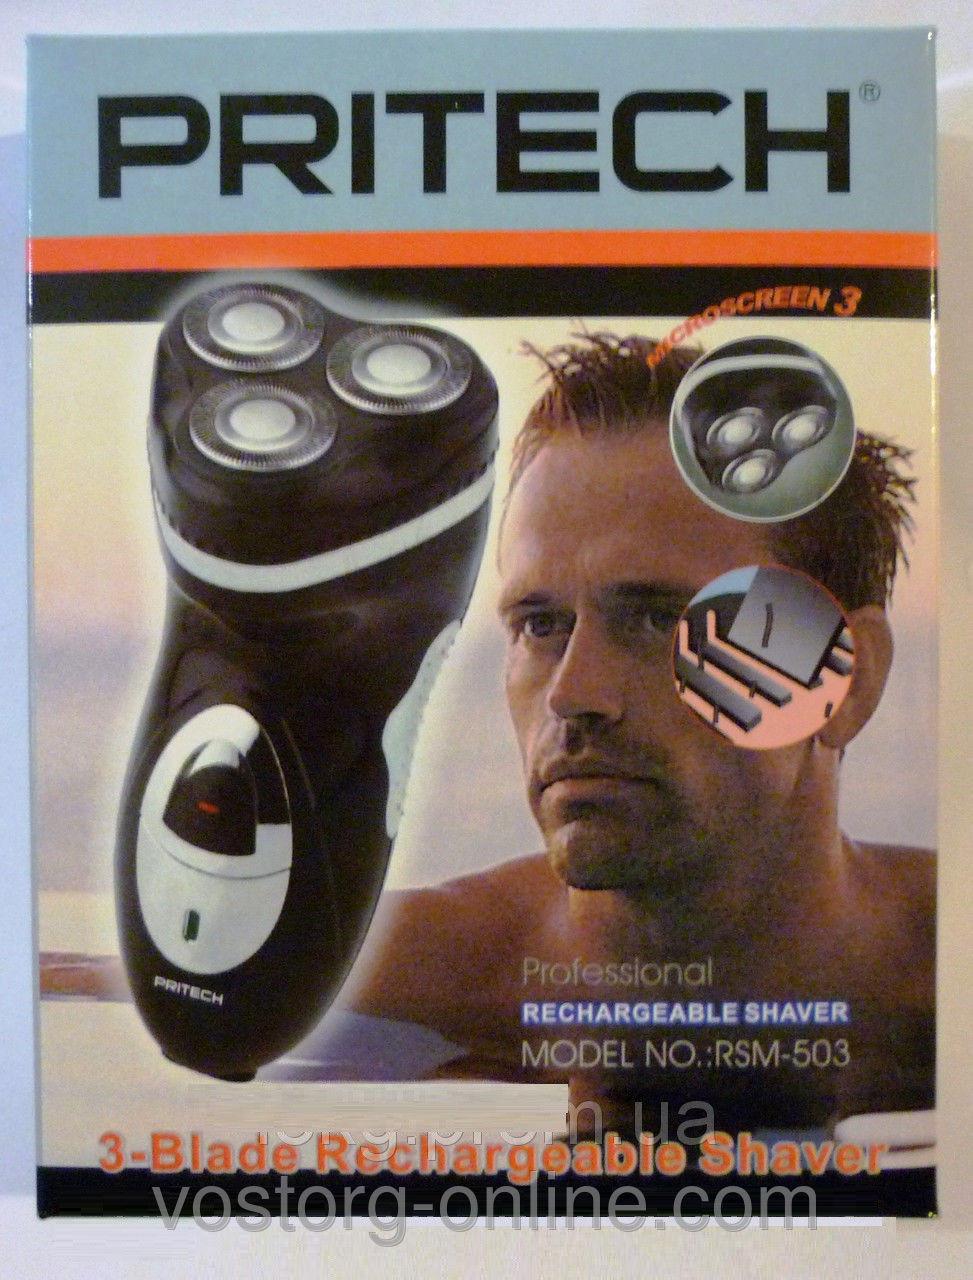 Аккумуляторные электробритвы, мужские бритвы, Электробритва Pritech RSM-503, гладкая кожа, чистое бритье